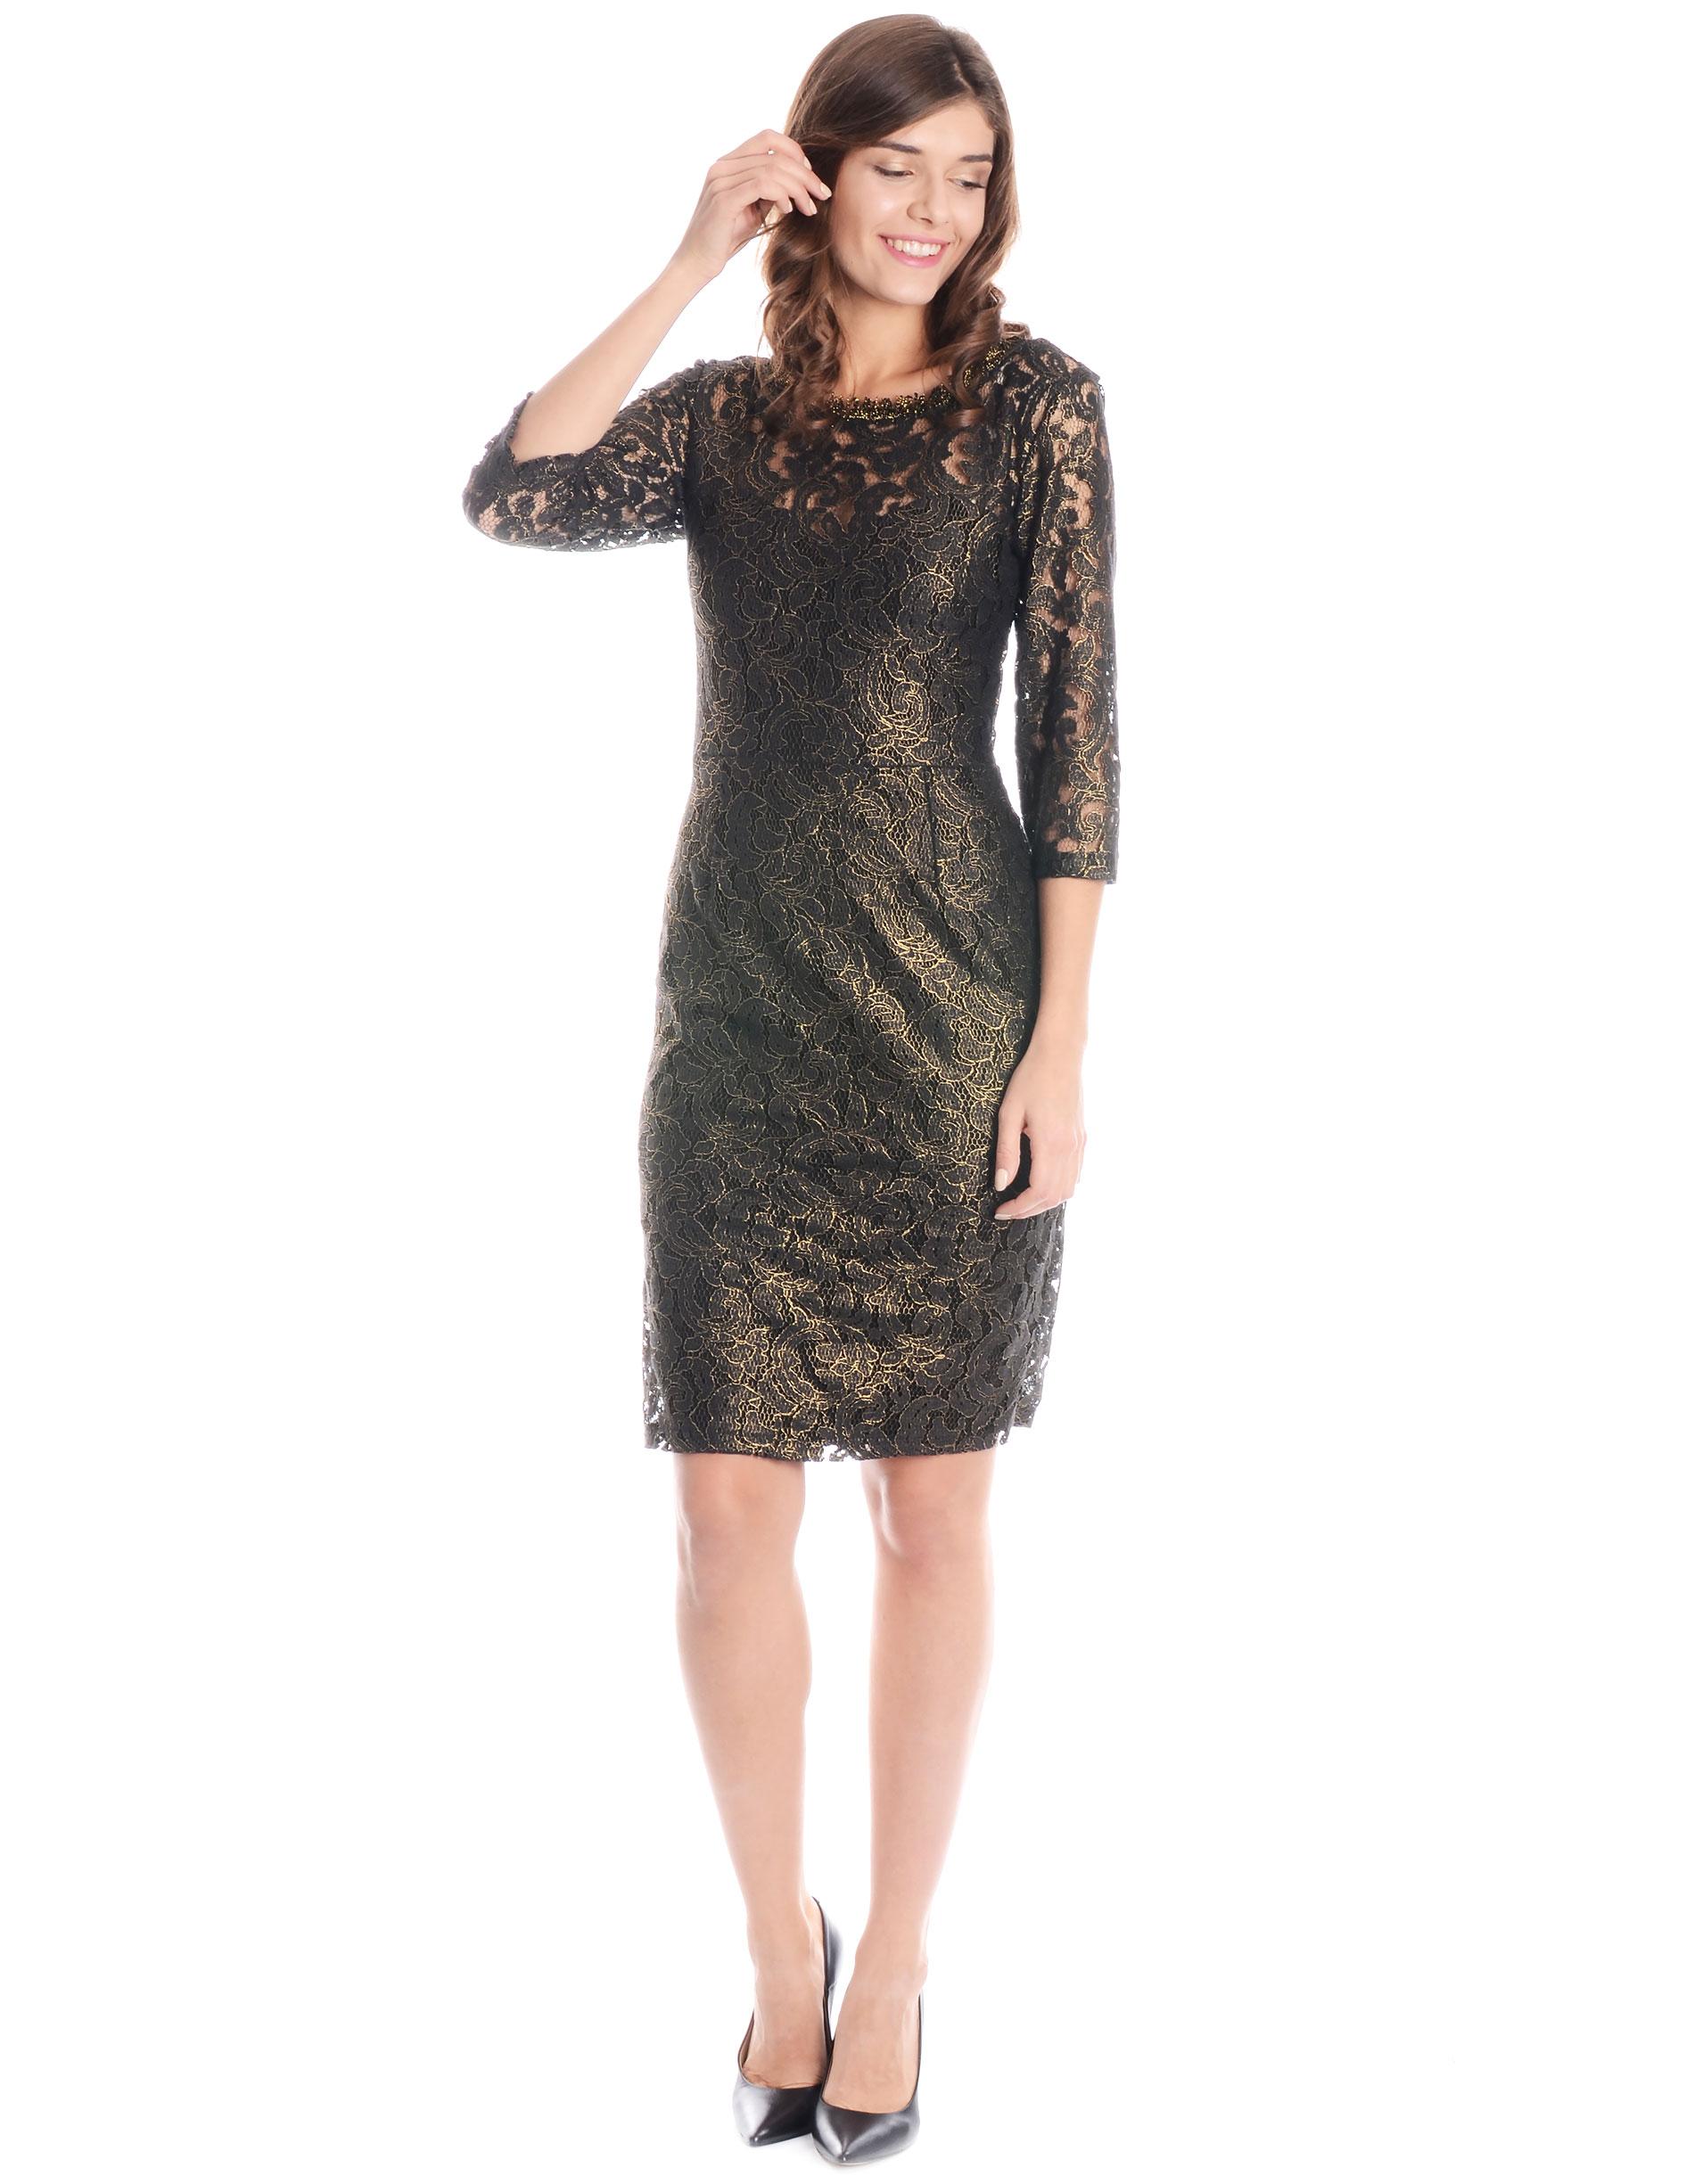 Sukienka - 46-2956 NERO - Unisono